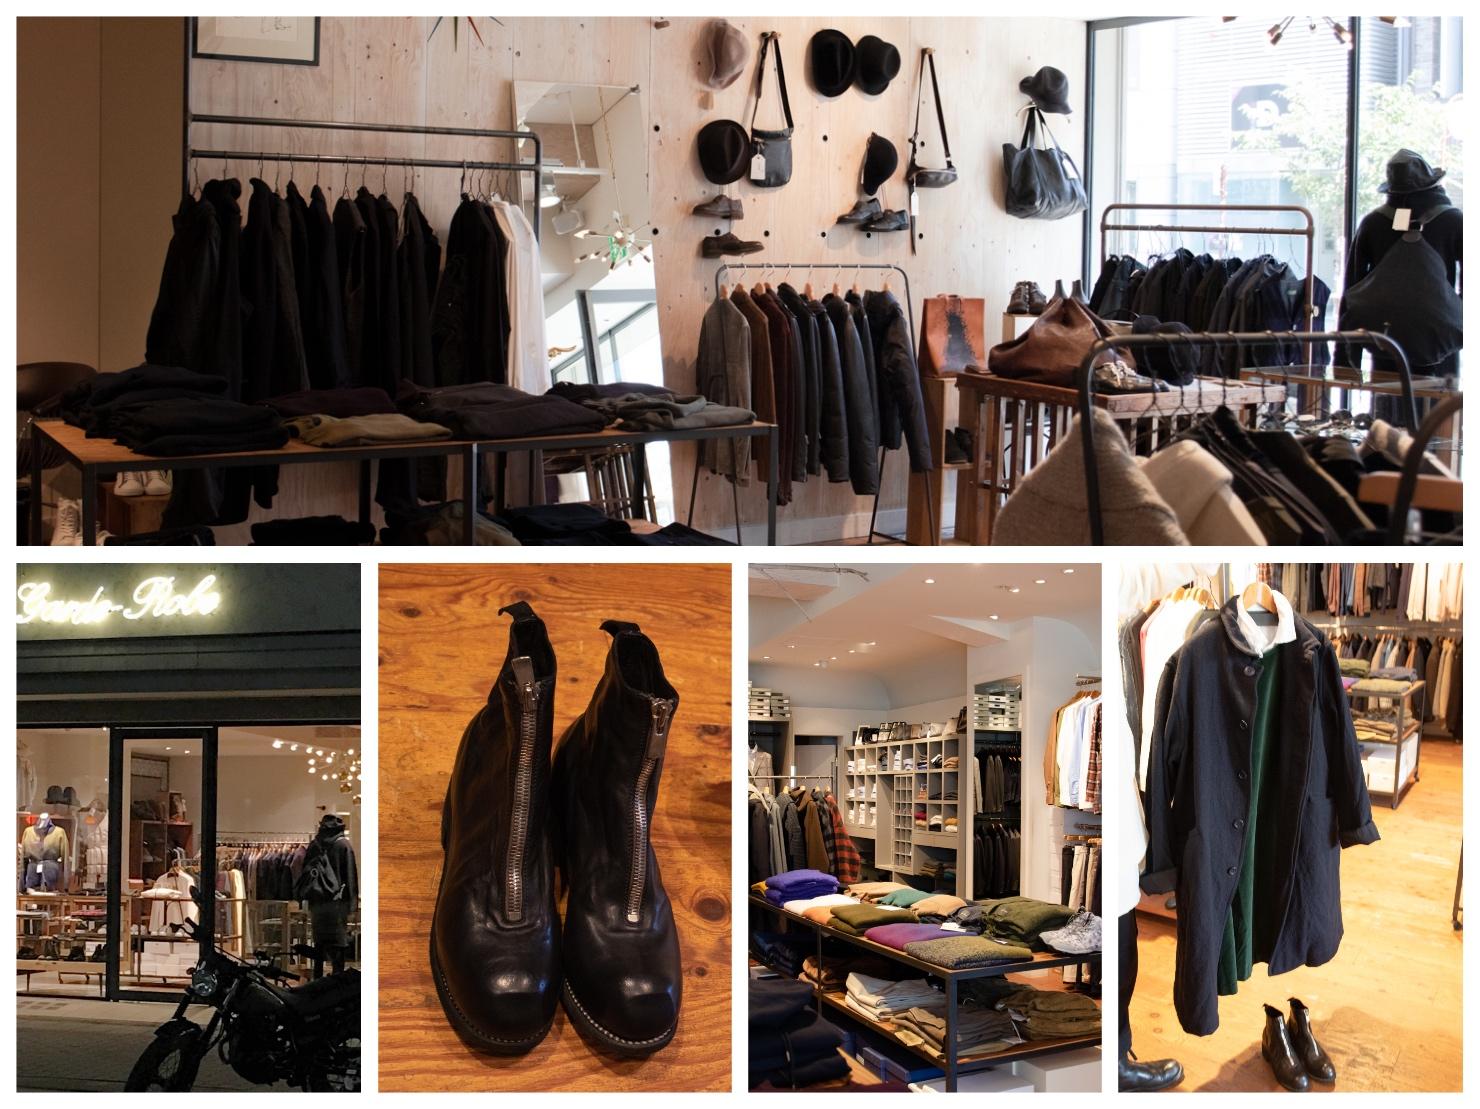 ギャルドローブの外観や店内、靴などの写真